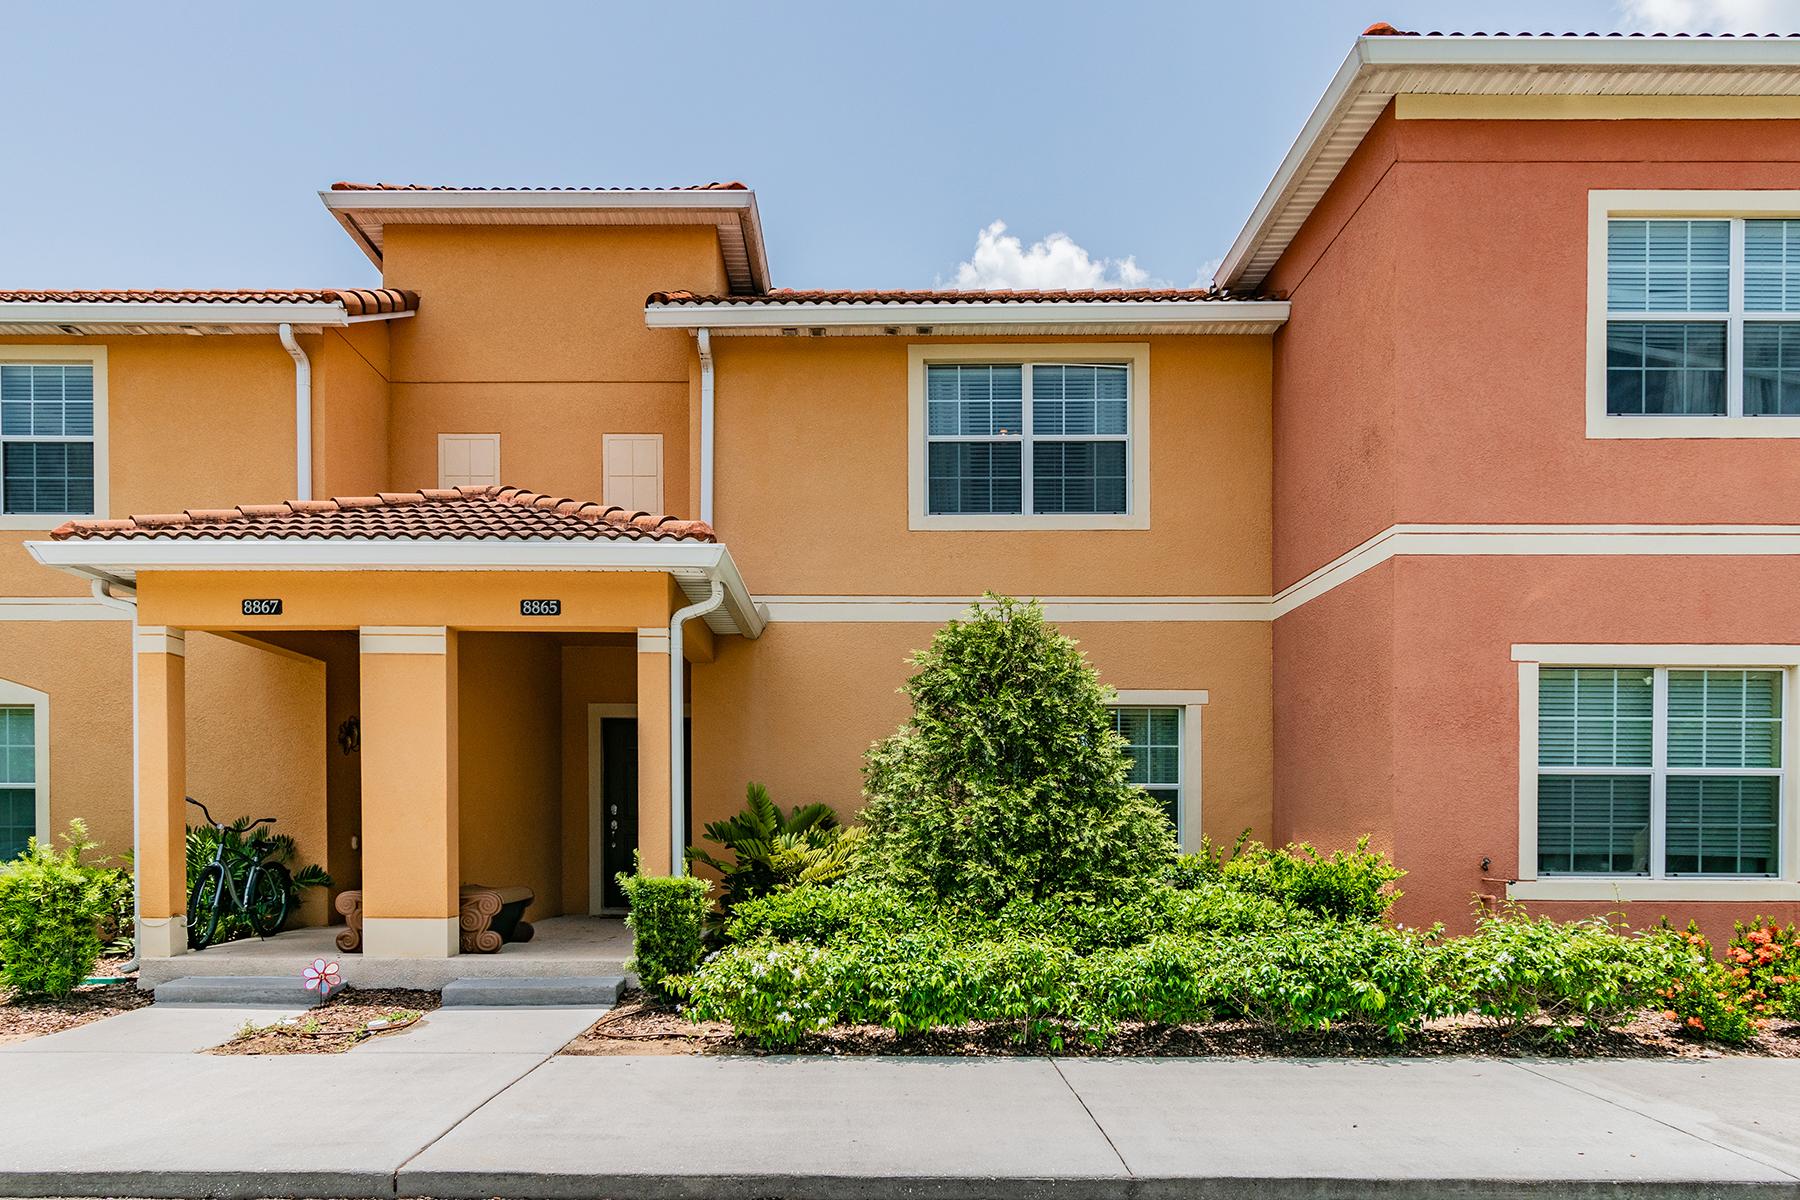 townhouses für Verkauf beim KISSIMMEE-ORLANDO 8865 Candy Palm Rd, Kissimmee, Florida 34747 Vereinigte Staaten